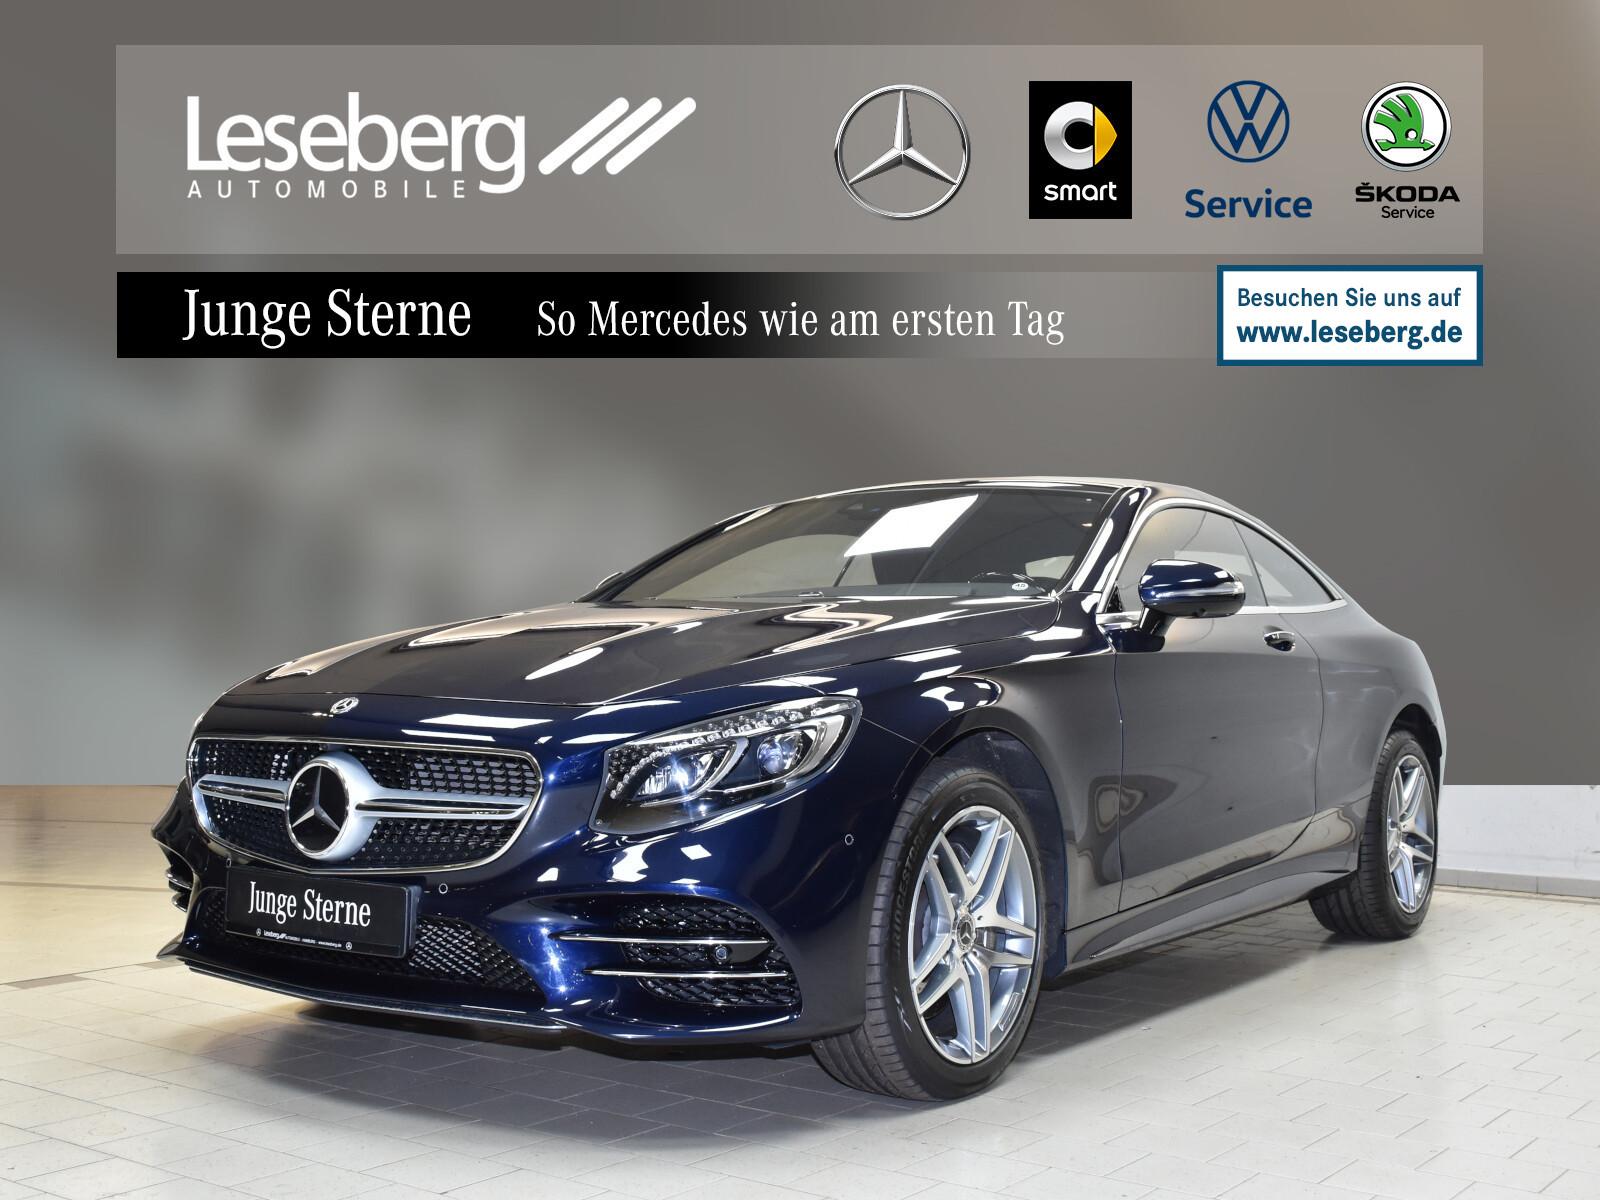 Mercedes-Benz S 560 4M Coupé AMG Line/Standhzg/360°/Fahrassis., Jahr 2020, Benzin